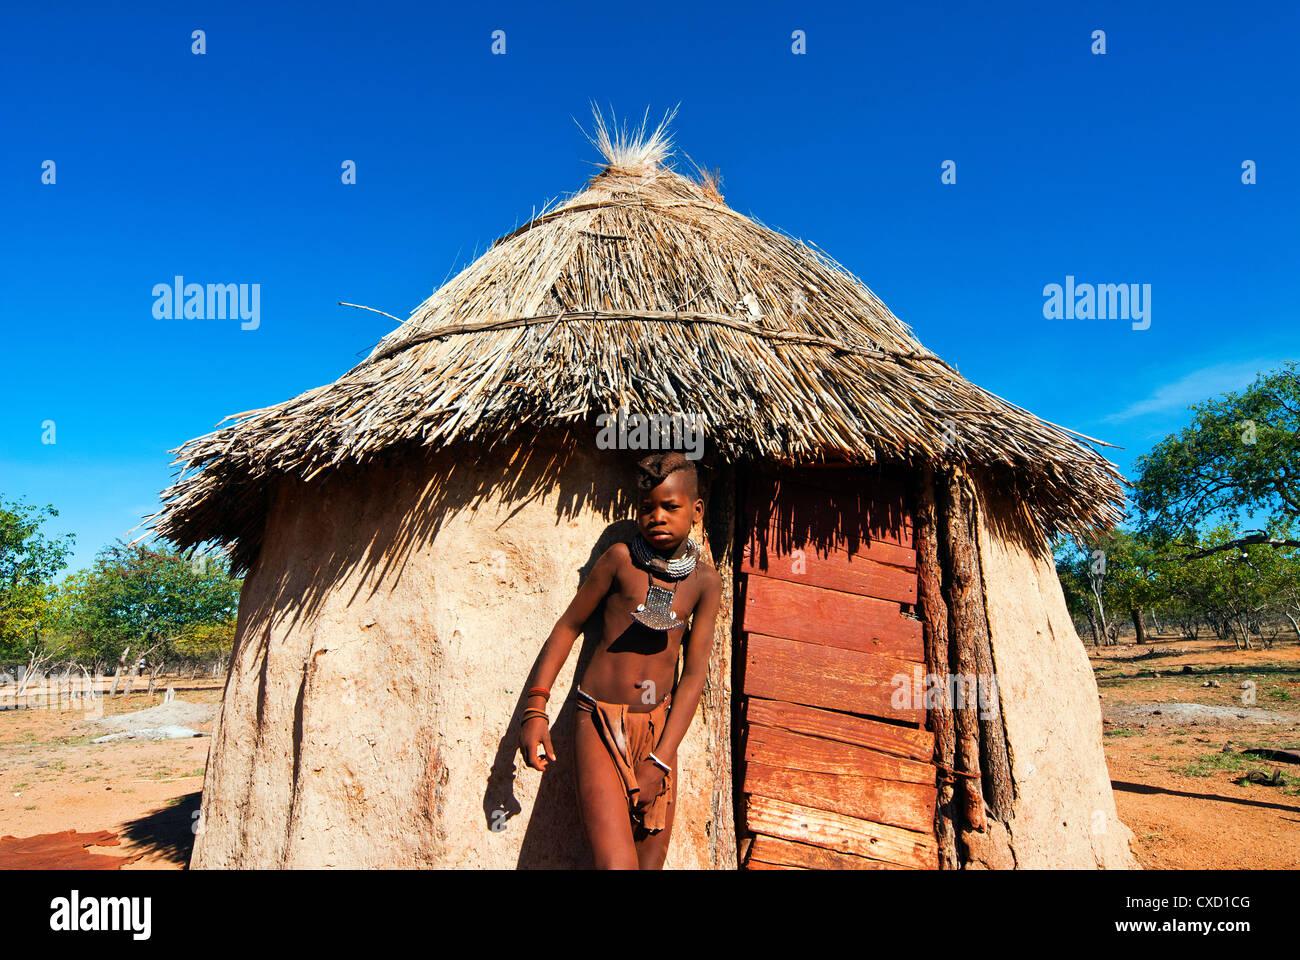 Himba boy, Kaokoveld, Namibia, Africa - Stock Image